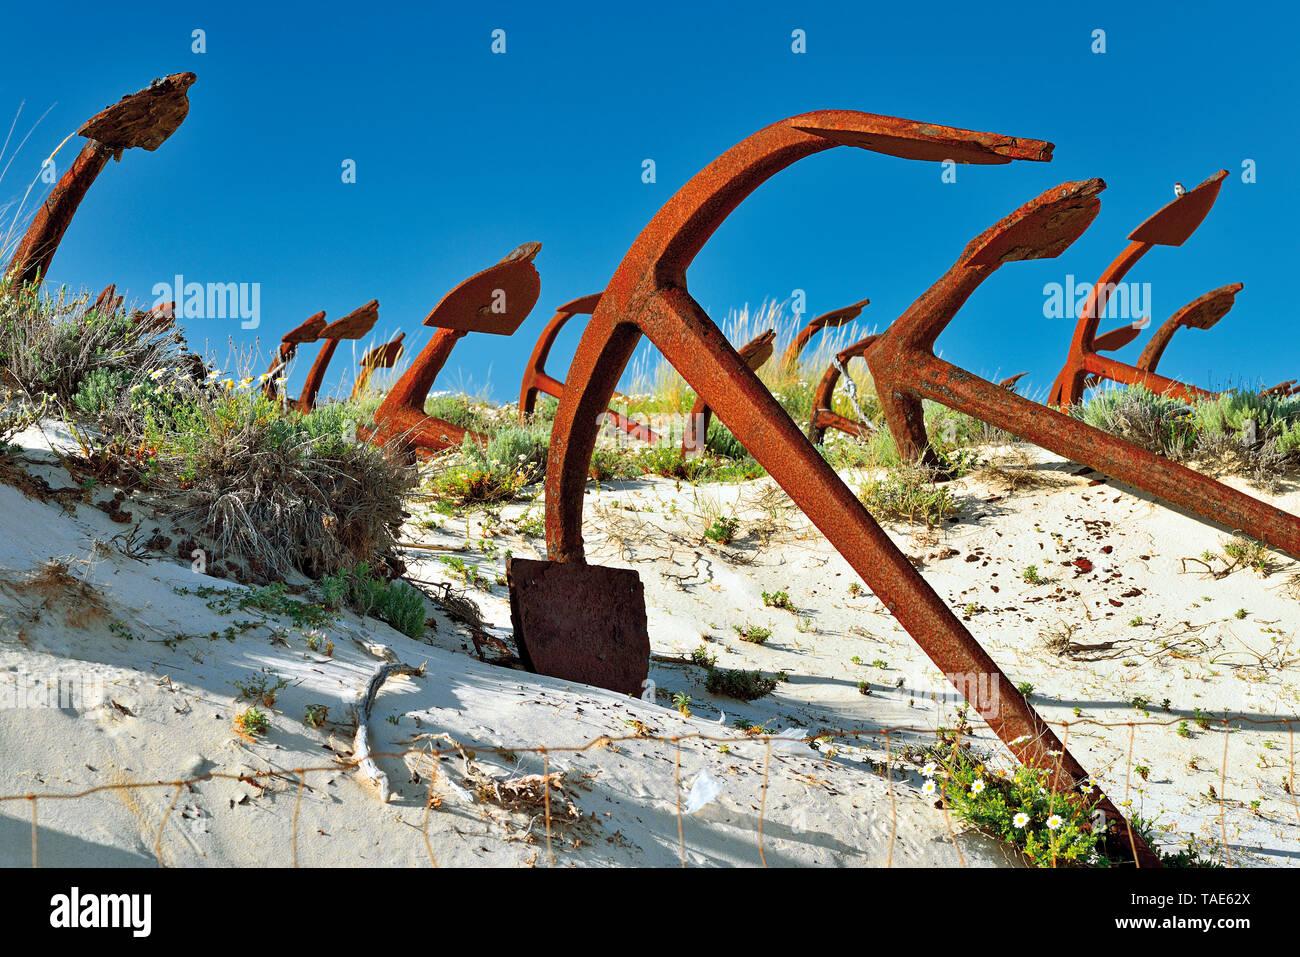 Decine di ancore giacenti in duna di sabbia in contrasto con il blu del cielo Immagini Stock